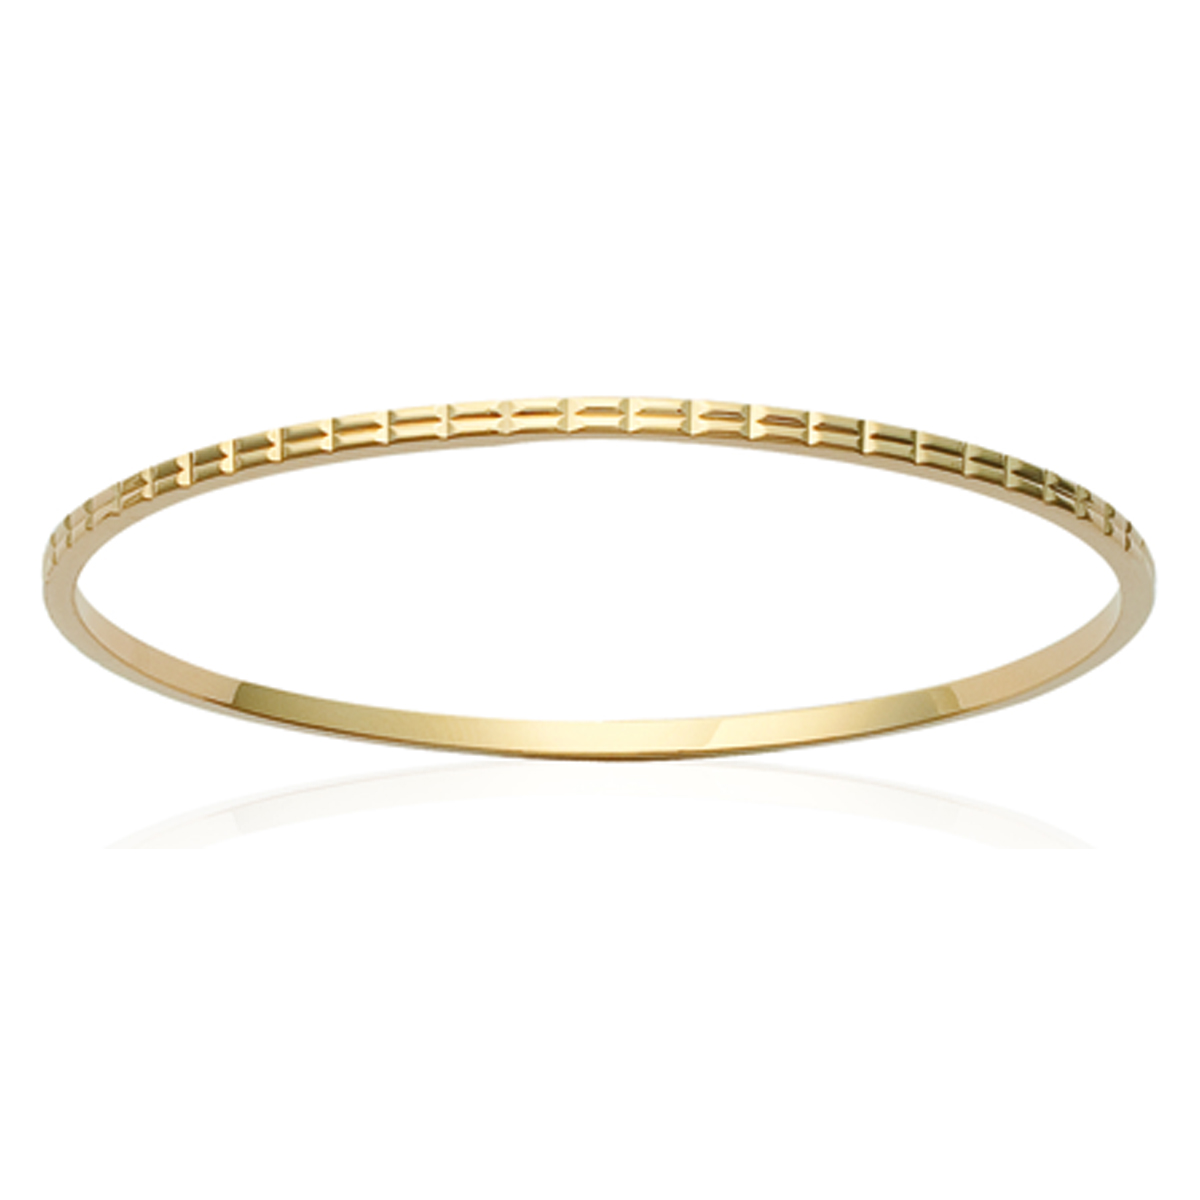 Bracelet Plaqué Or \'Chorégraphie\' doré - 62 mm 2 mm - [K1407]